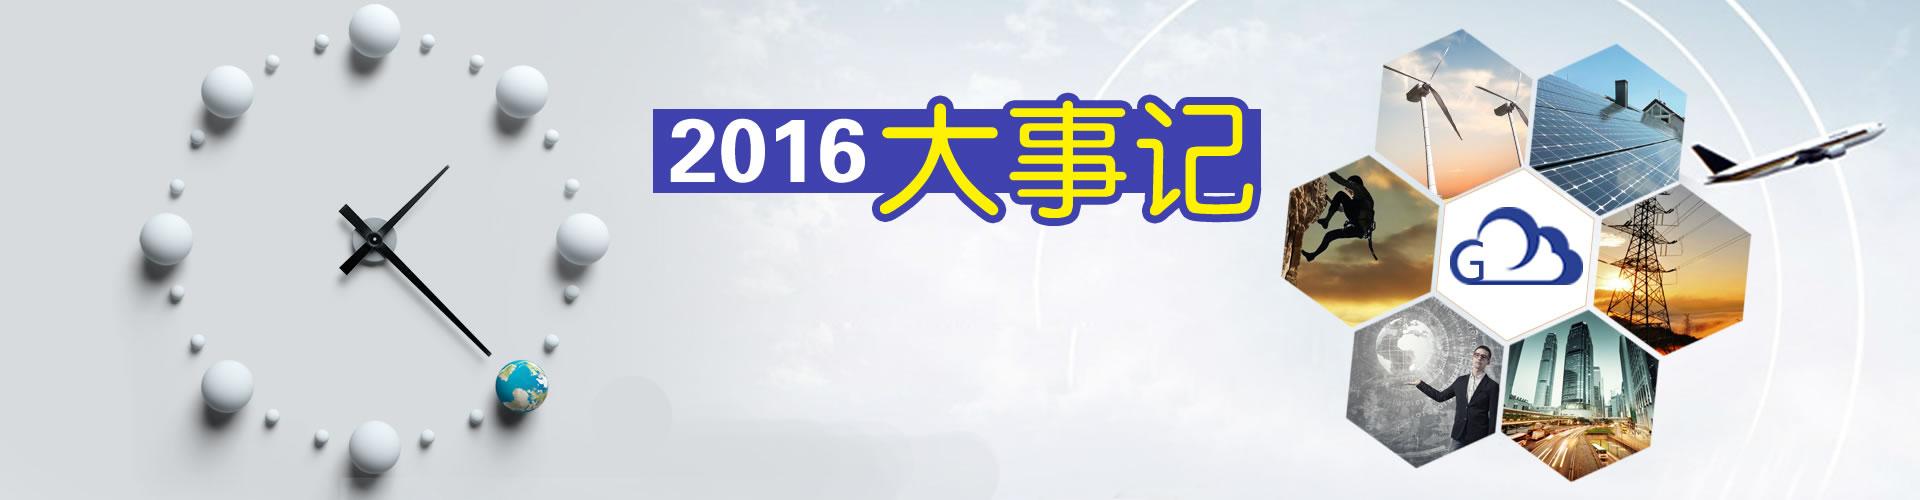 2016中国大记事